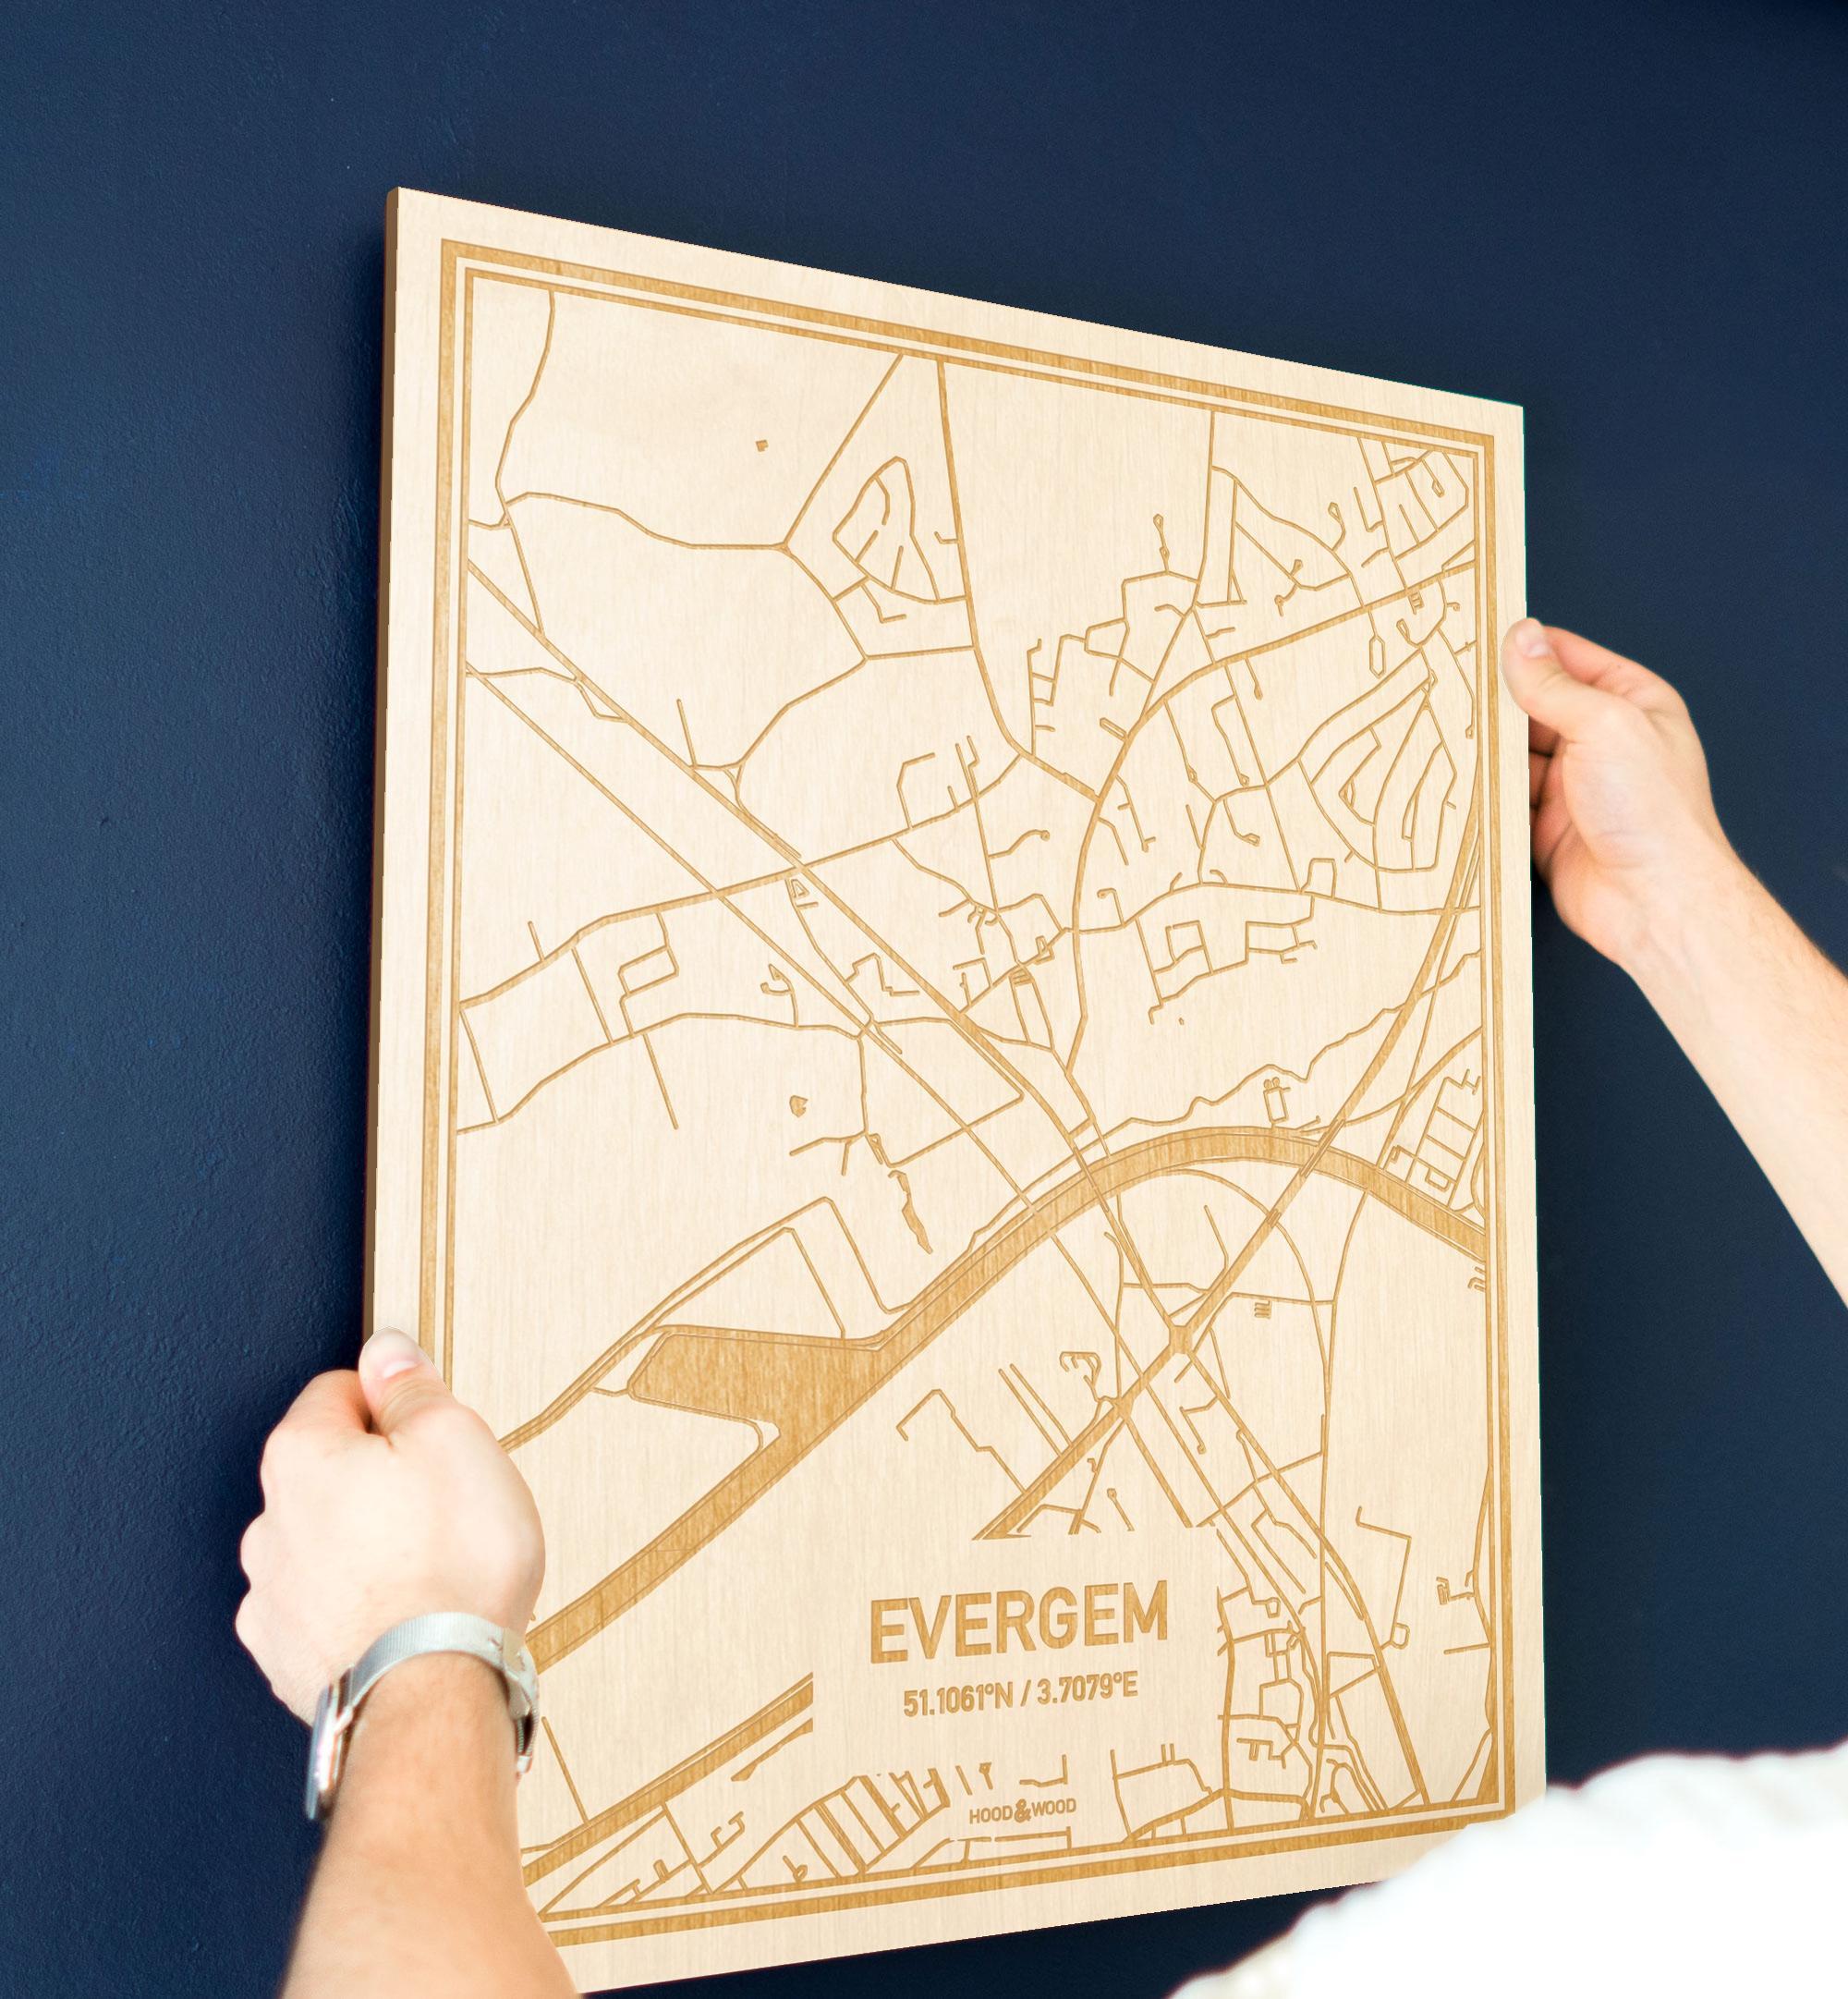 Een man hangt de houten plattegrond Evergem aan zijn blauwe muur ter decoratie. Je ziet alleen zijn handen de kaart van deze moderne in Oost-Vlaanderen  vasthouden.